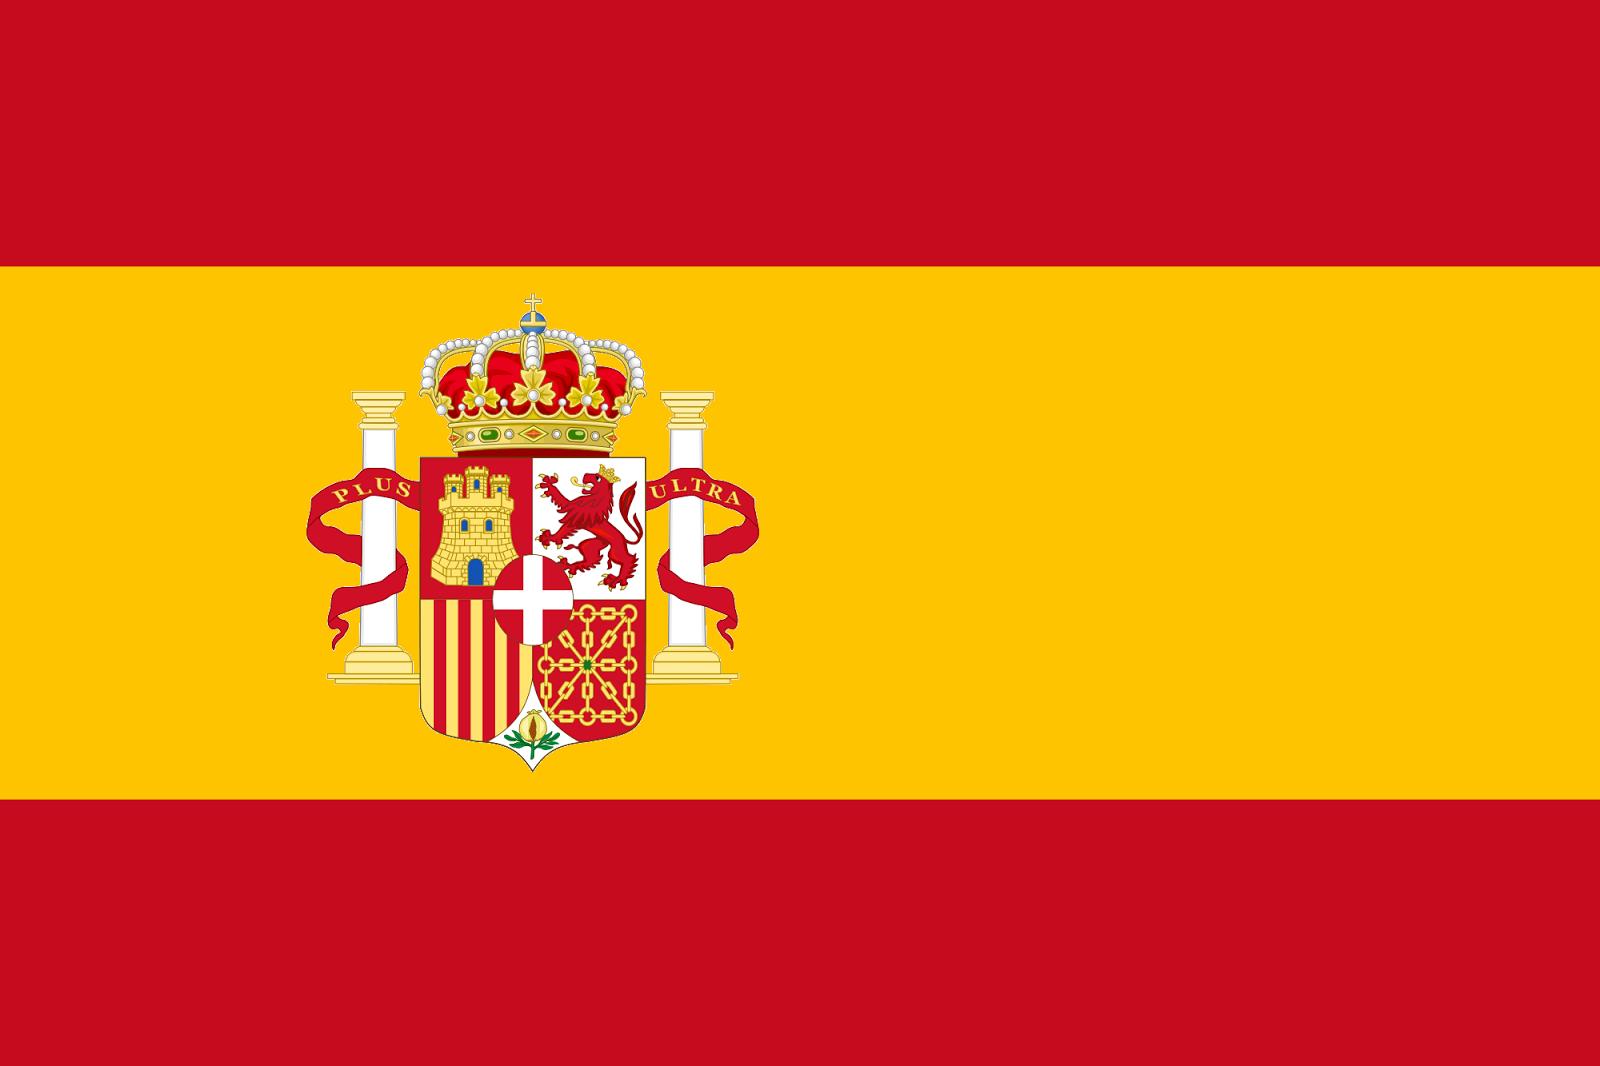 испанский флаг фото в хорошем качестве решено использовать